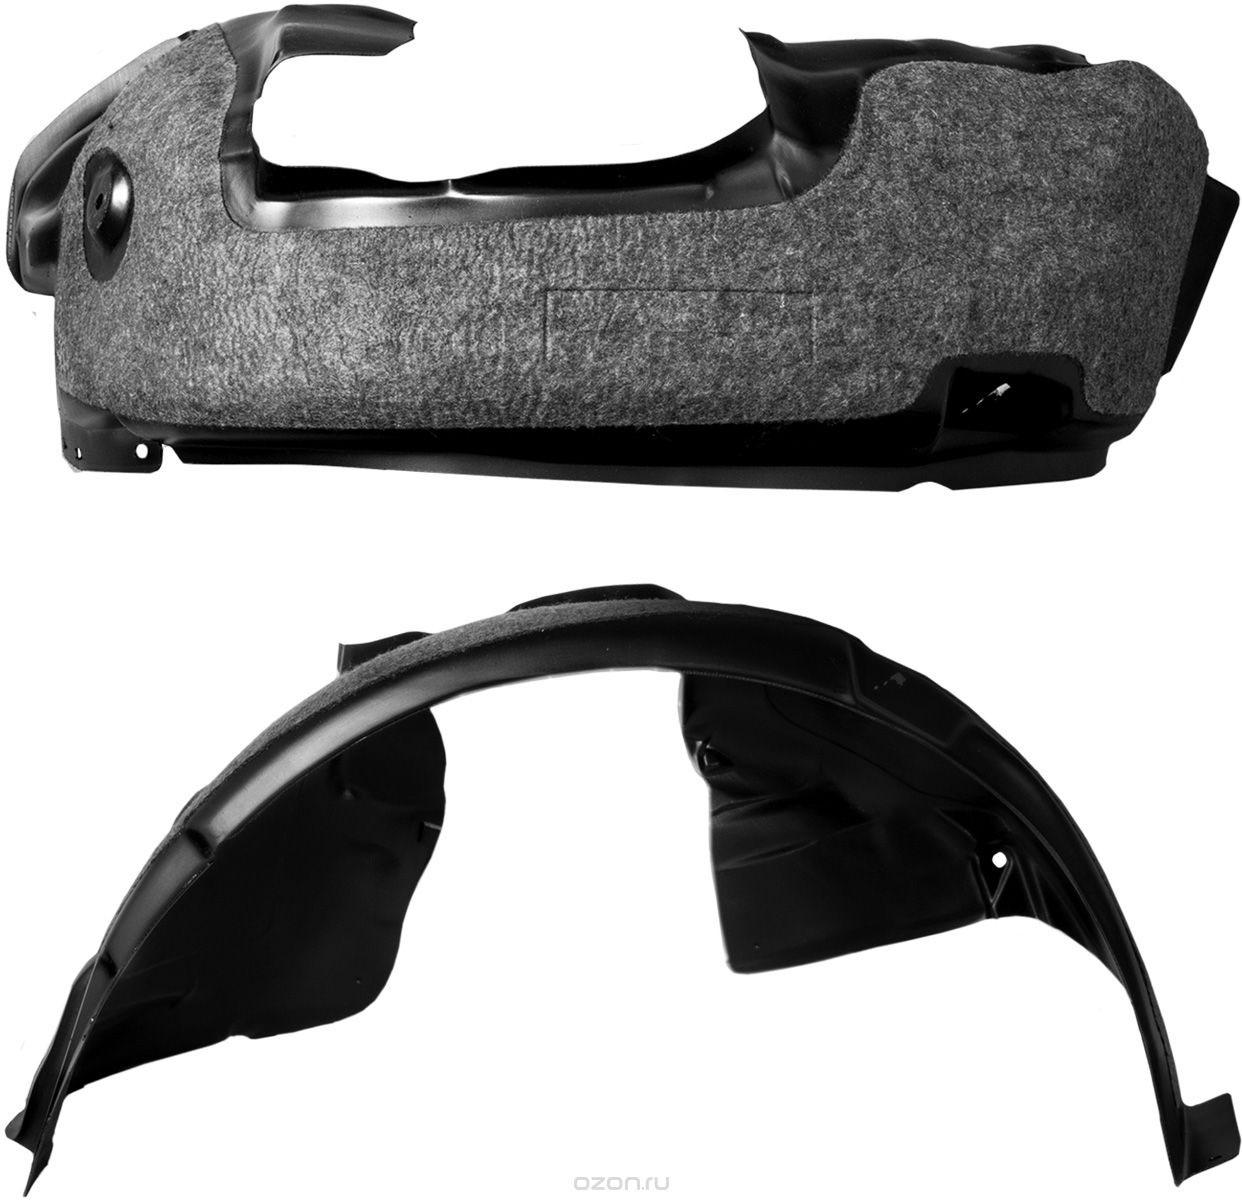 Подкрылок Novline-Autofamily, с шумоизоляцией, для MITSUBISHI Outlander, 2015->, передний правыйNLS.35.26.002Идеальная защита колесной ниши. Локеры разработаны с применением цифровых технологий, гарантируют максимальную повторяемость поверхности арки. Изделия устанавливаются без нарушения лакокрасочного покрытия автомобиля, каждый подкрылок комплектуется крепежом. Уважаемые клиенты, обращаем ваше внимание, что фотографии на подкрылки универсальные и не отражают реальную форму изделия. При этом само изделие идет точно под размер указанного автомобиля.